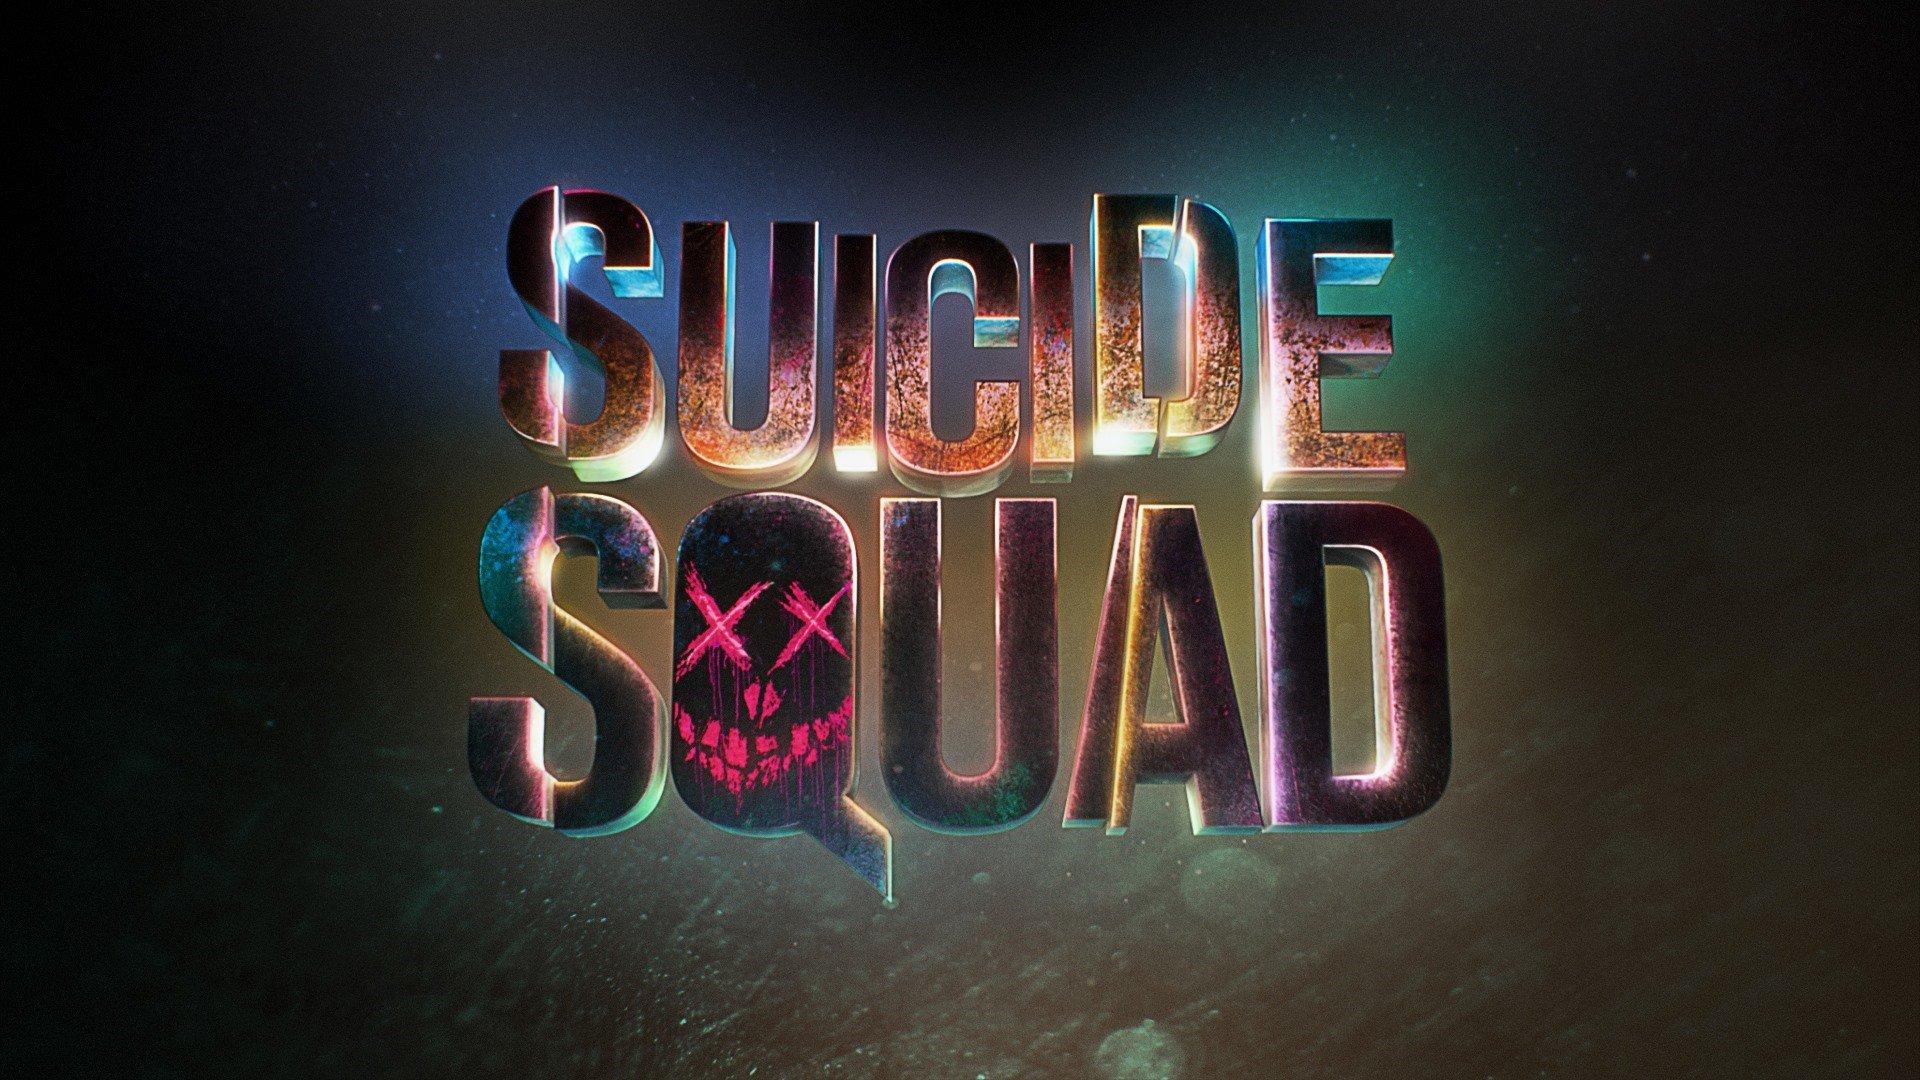 Fondo de pantalla de Suicide Squad Titulo con Luces Imágenes